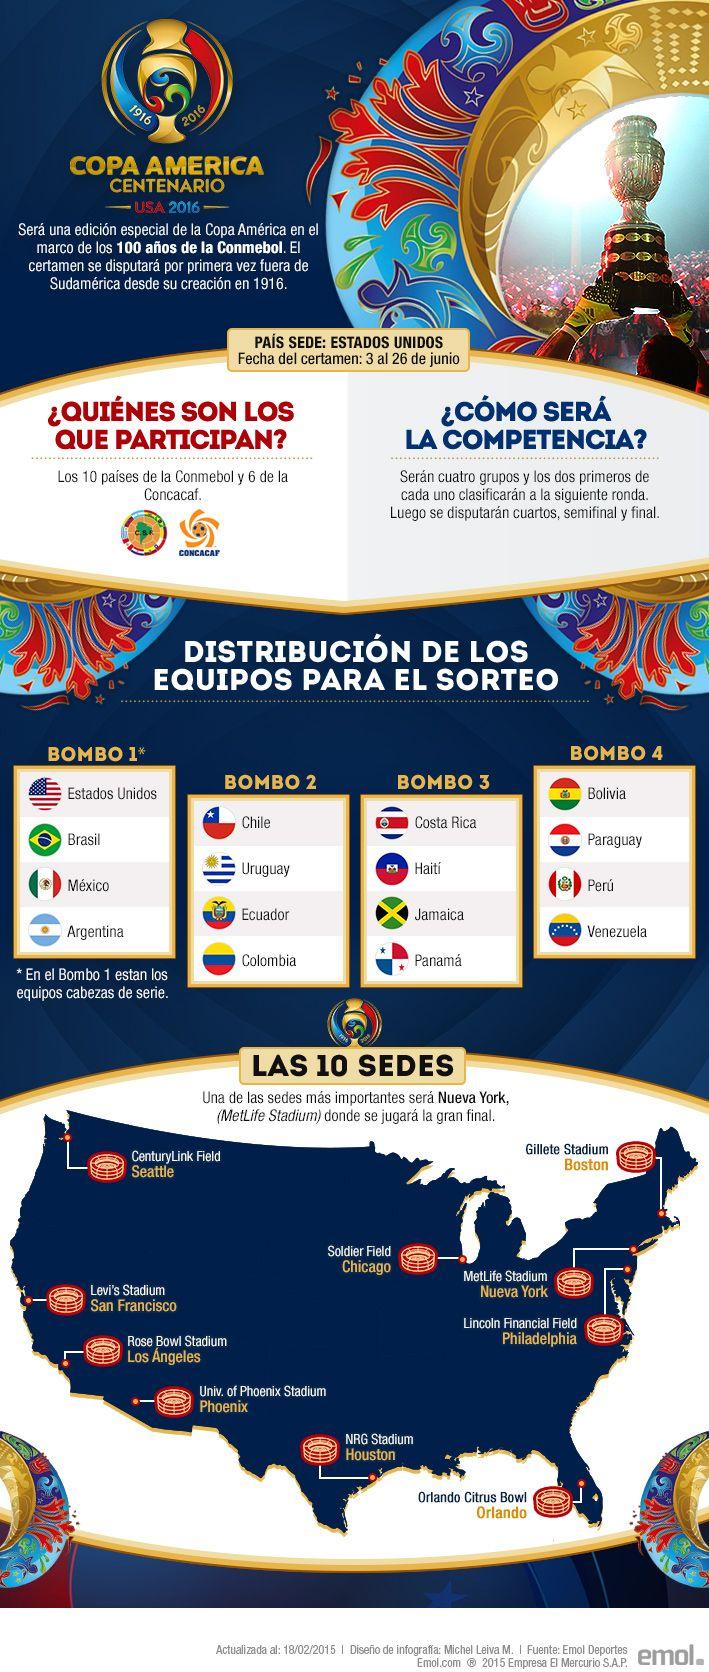 Todo lo que debes saber de la Copa América Centenario que disputará Chile